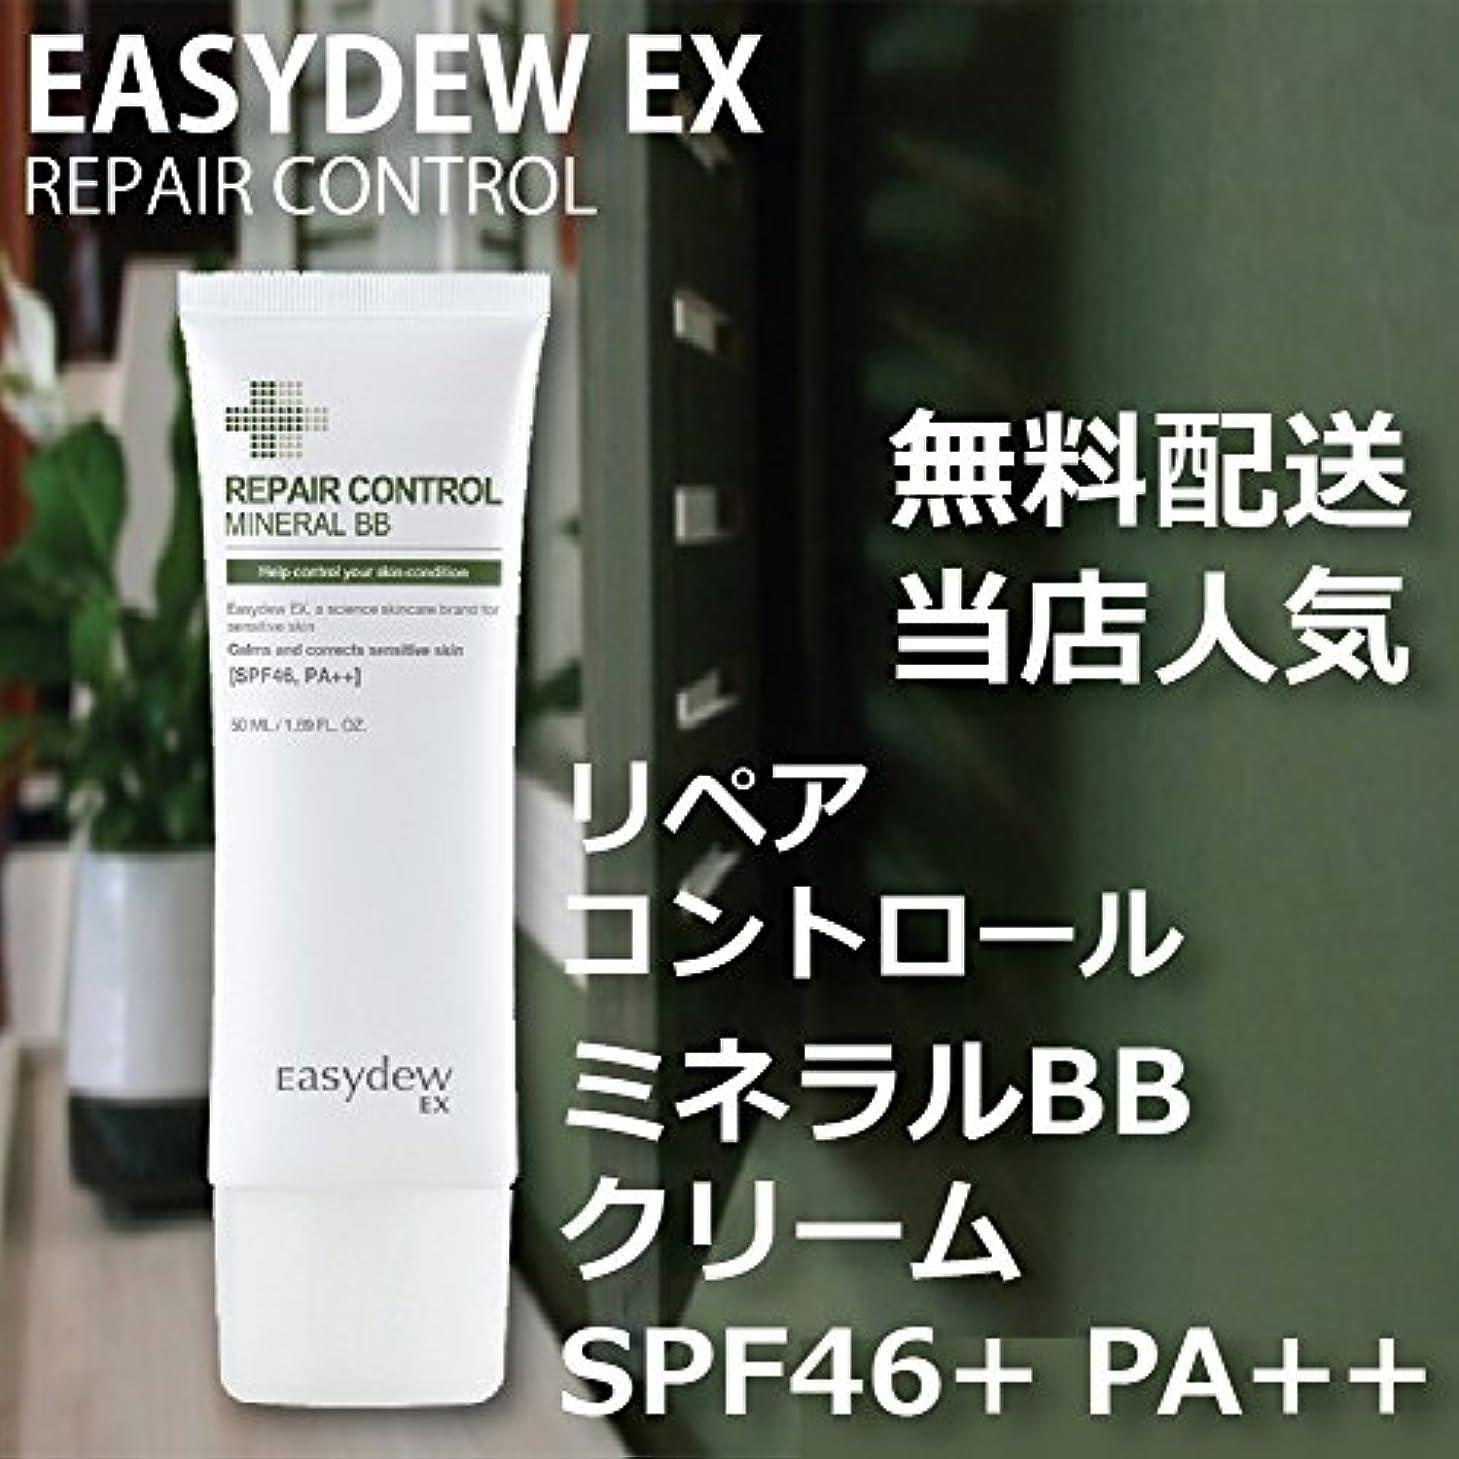 機知に富んだ推進、動かす食品EASY DEW EX ミネラル BBクリーム SPF46+ PA++ 50ml MINRAL BB CREAM 韓国 人気 コスメ イージーデュー 敏感 乾燥 美白 しわ 3重機能性